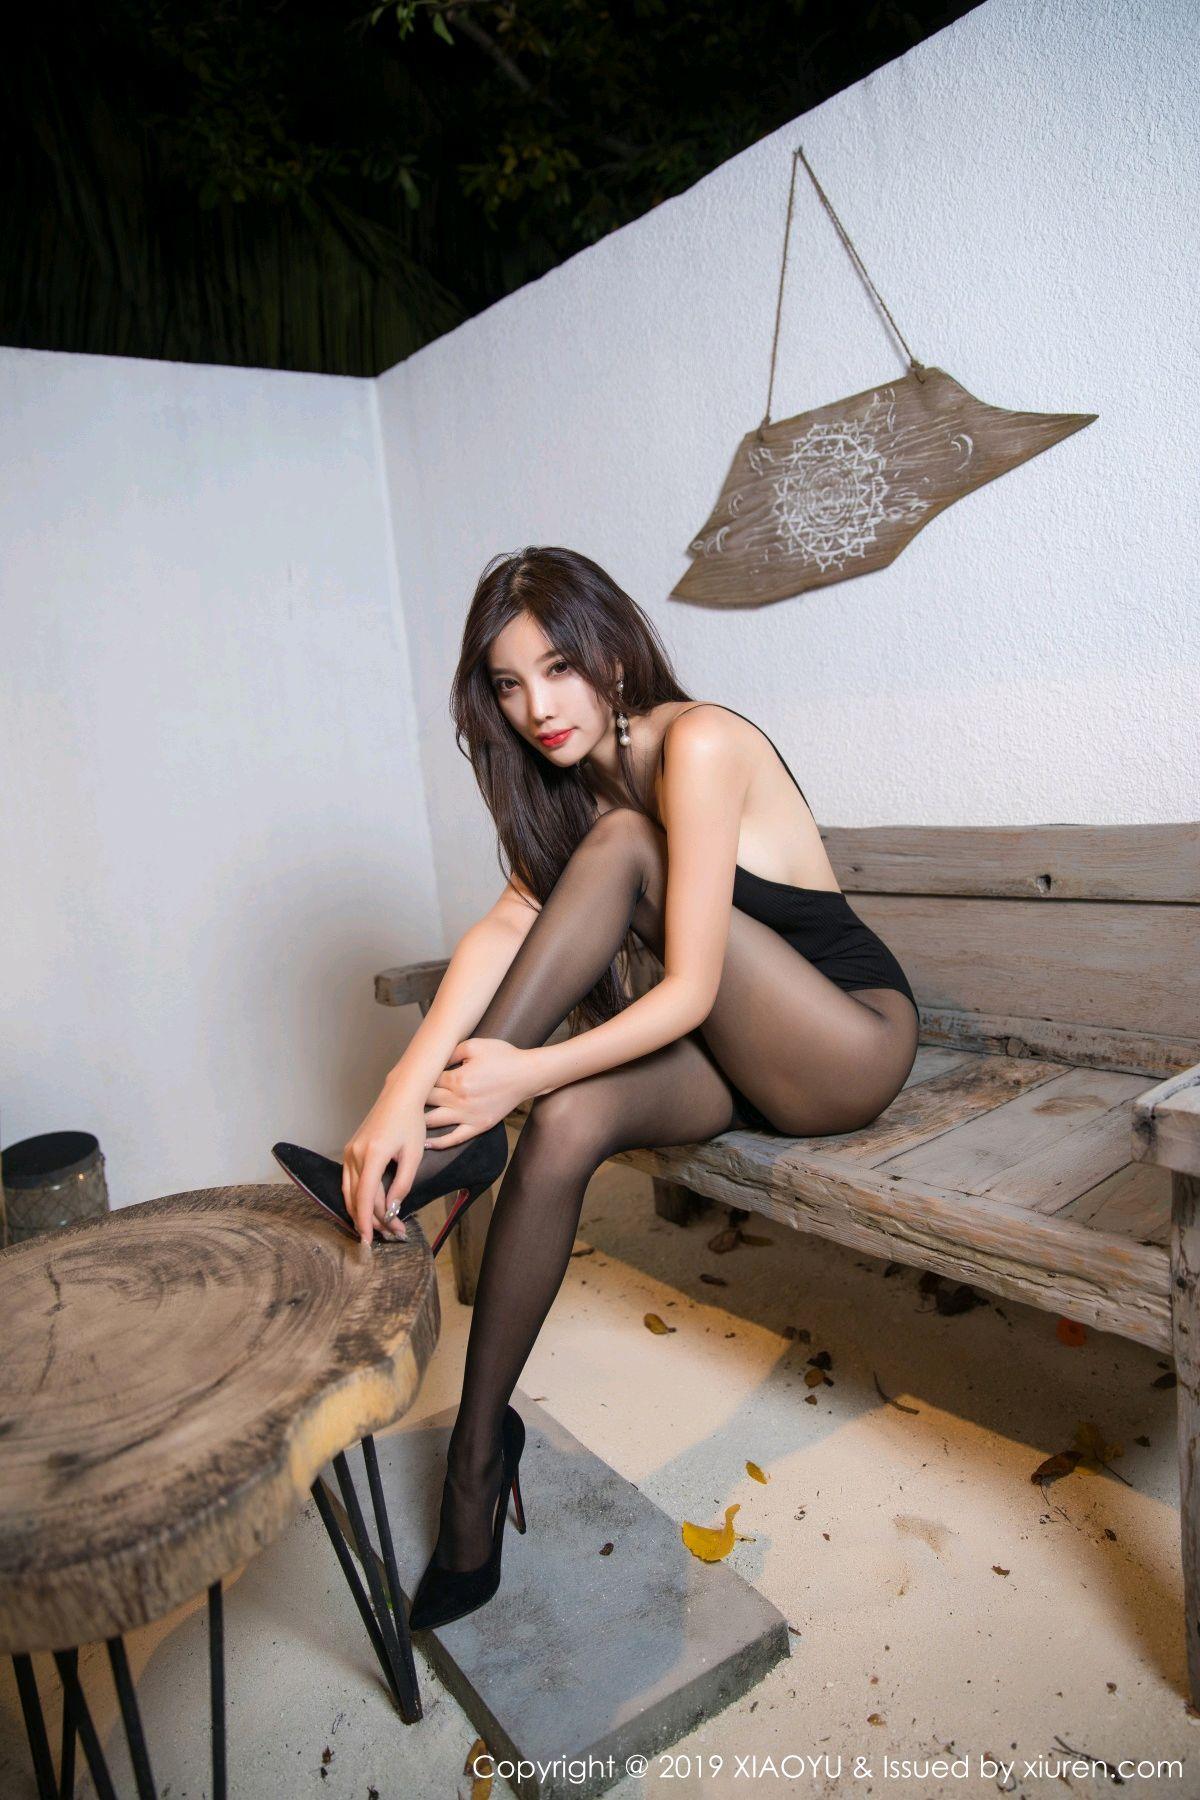 [XiaoYu] Vol.062 sugar 7P, Black Silk, Tall, XiaoYu, Yang Chen Chen